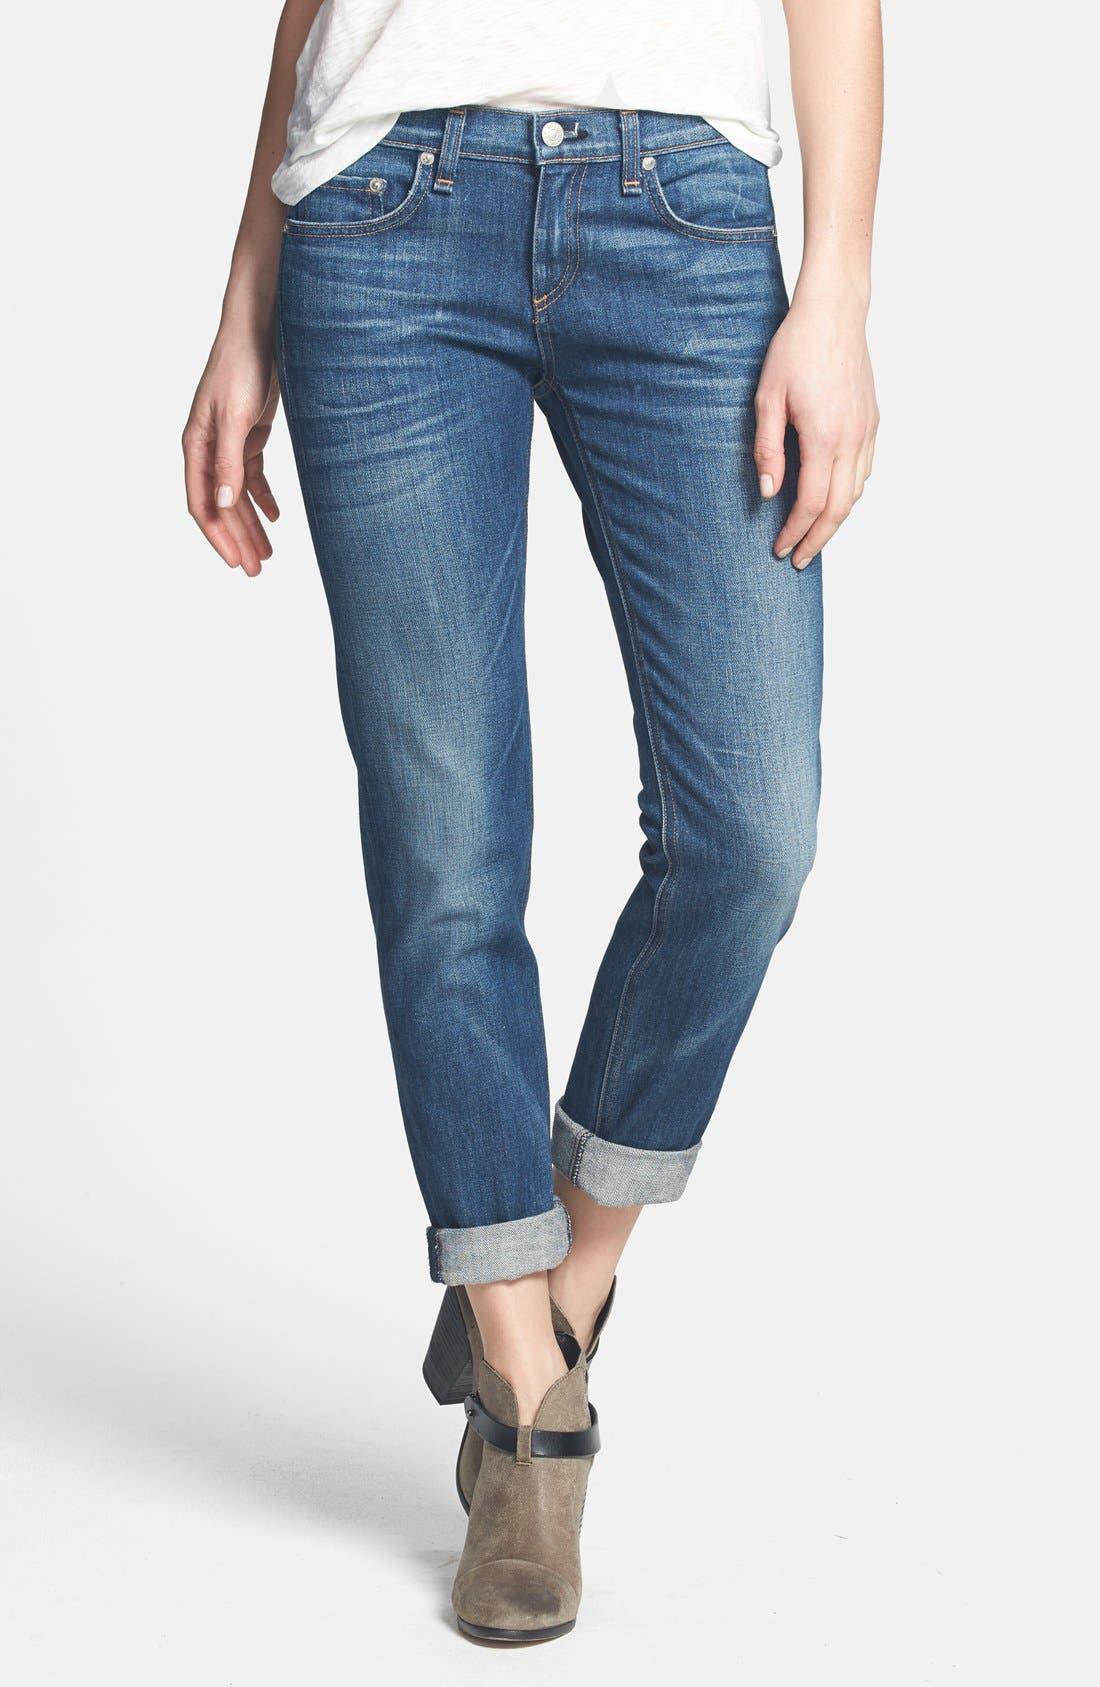 JEAN 'The Dre' Slim Fit Boyfriend Jeans, Main, color, 400